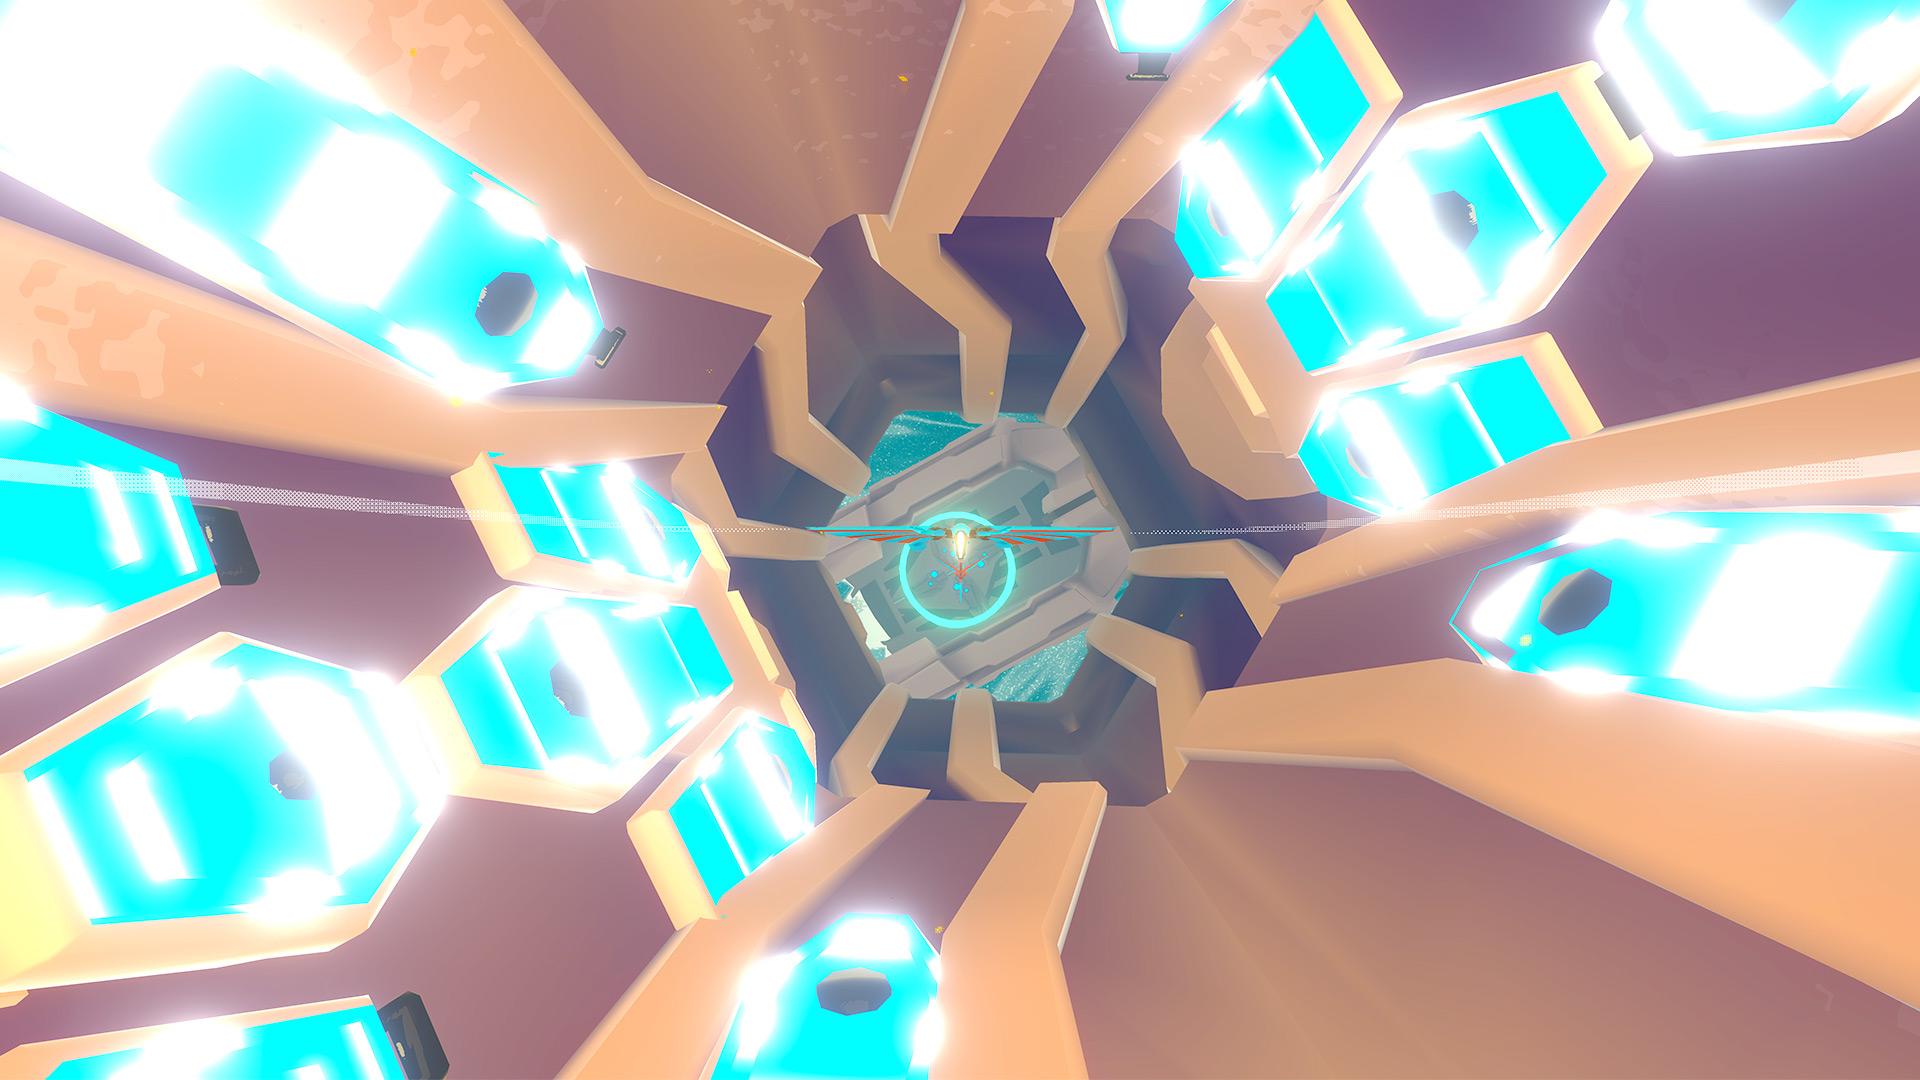 InnerSpace-Screen-5.jpg